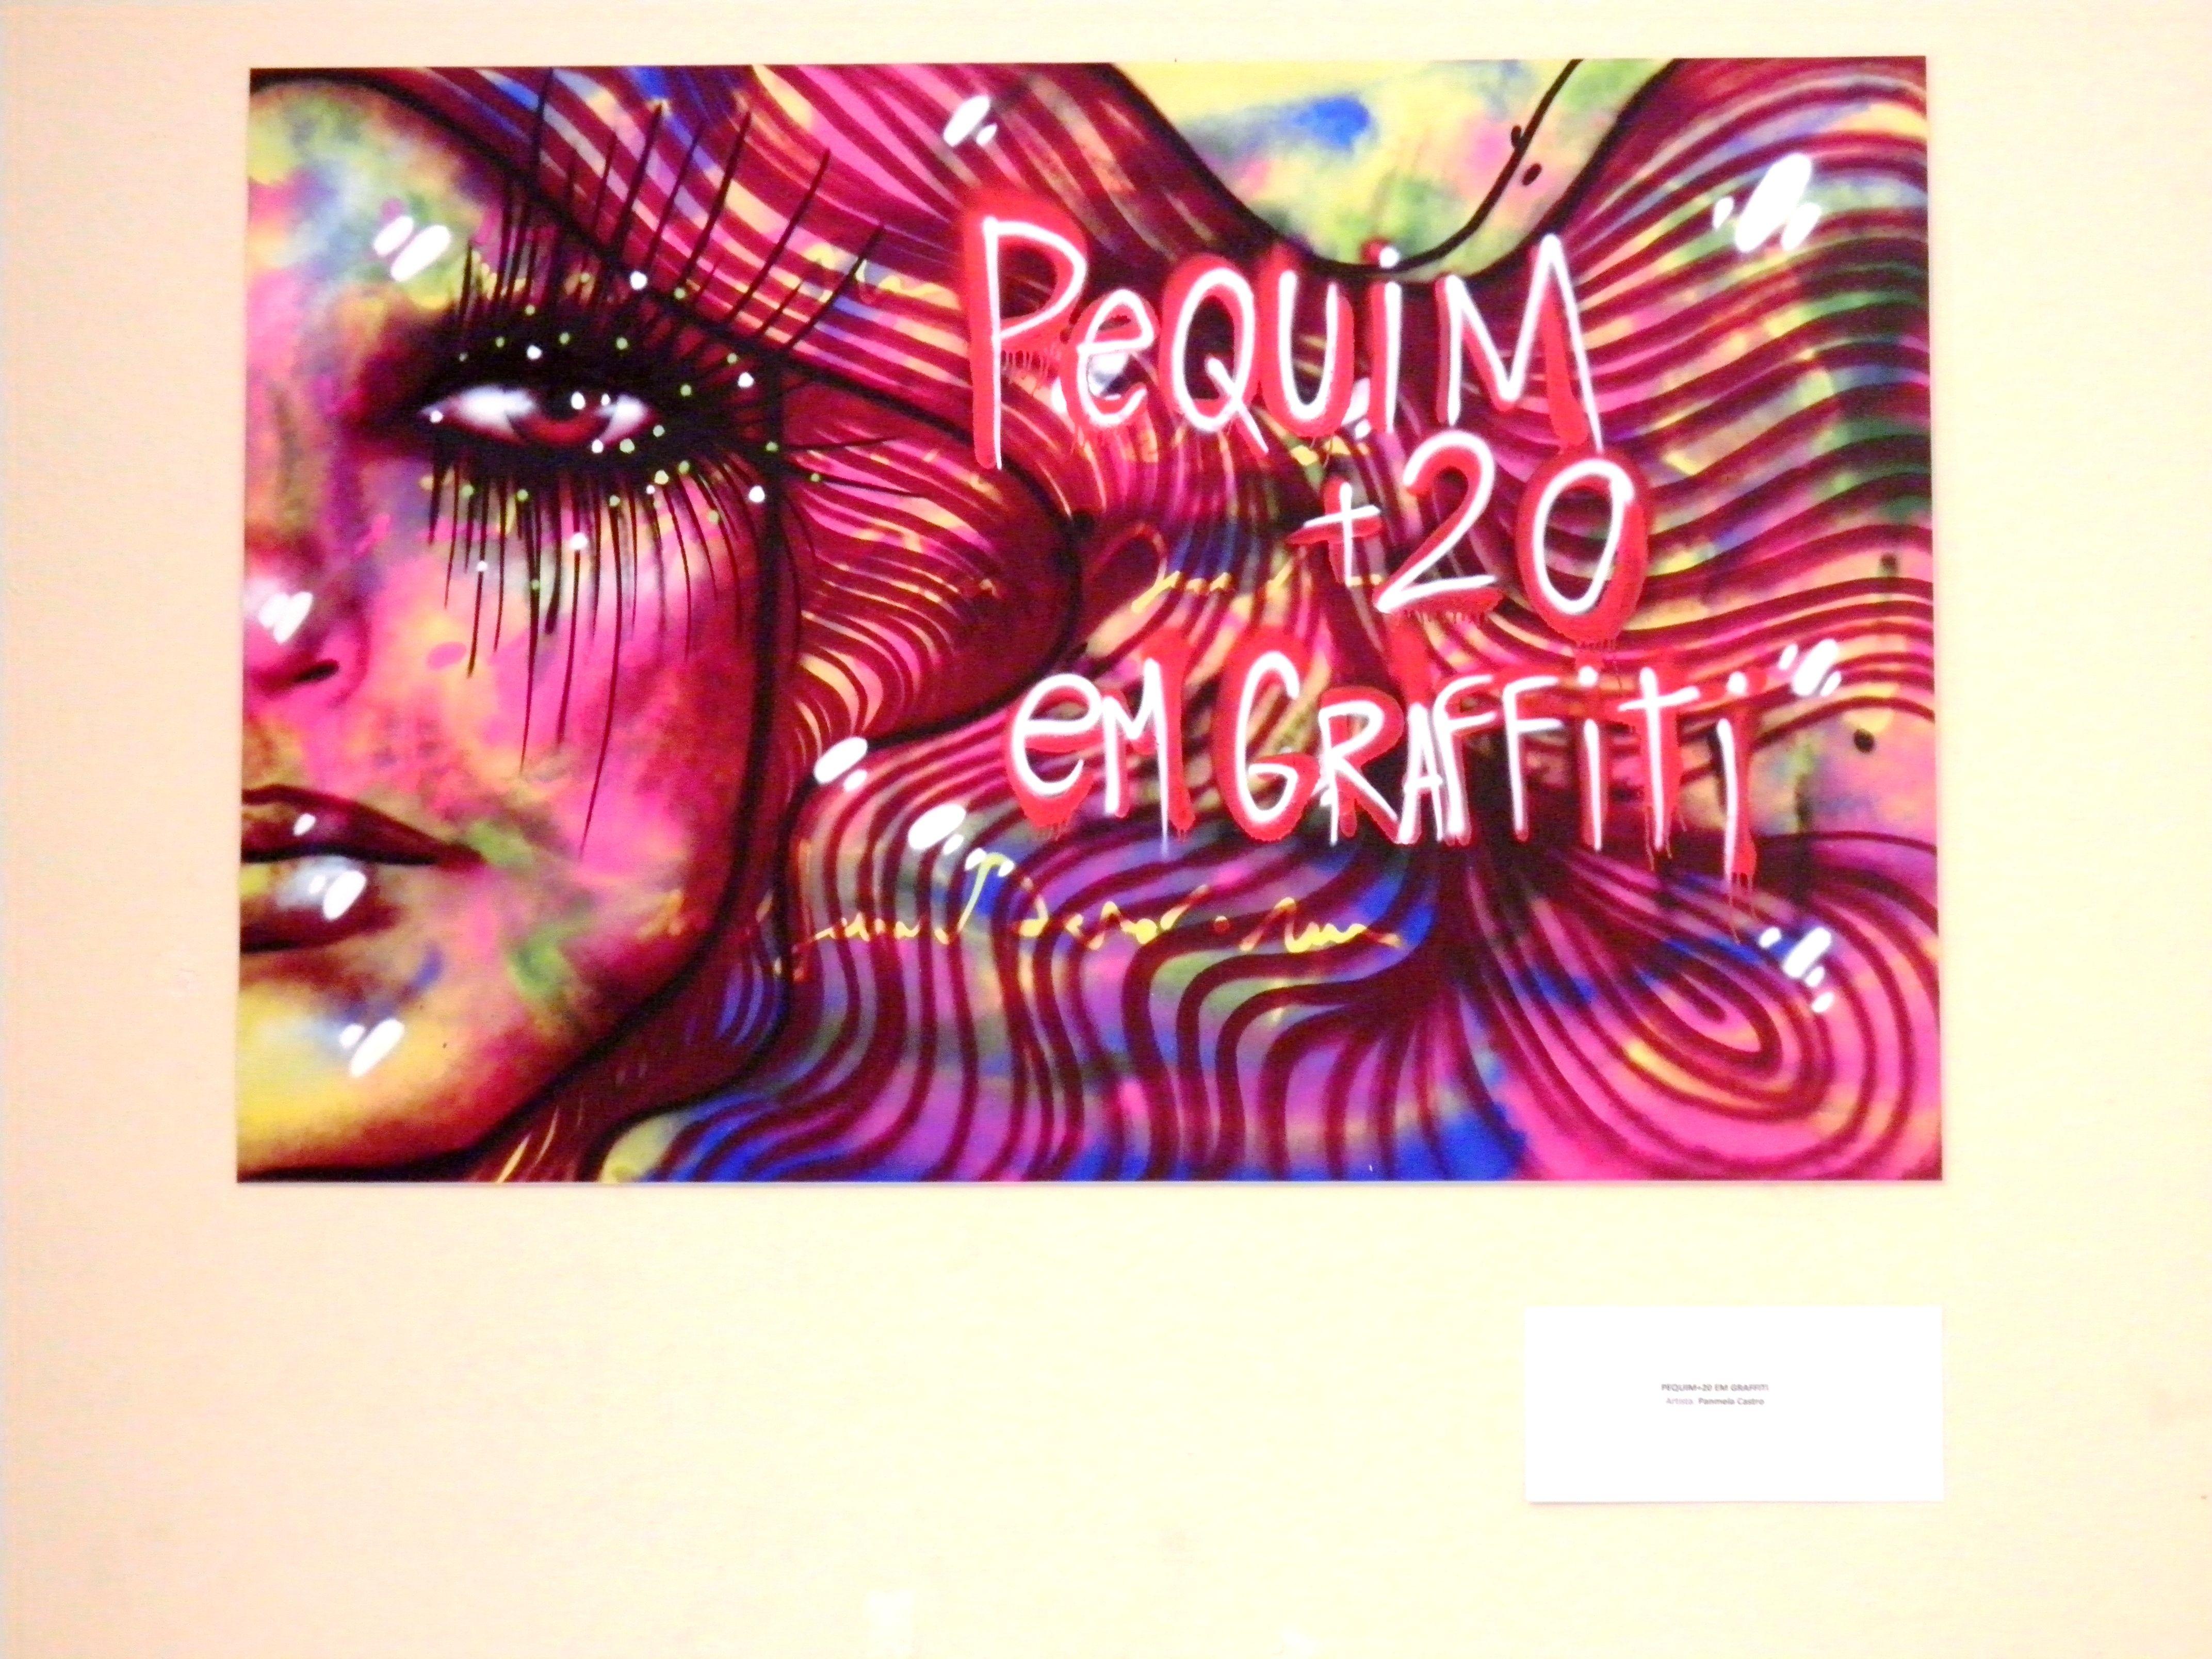 Exposição Pequim +20 em graffiti. Novembro, 2014, CEDIM, Rio de janeiro.